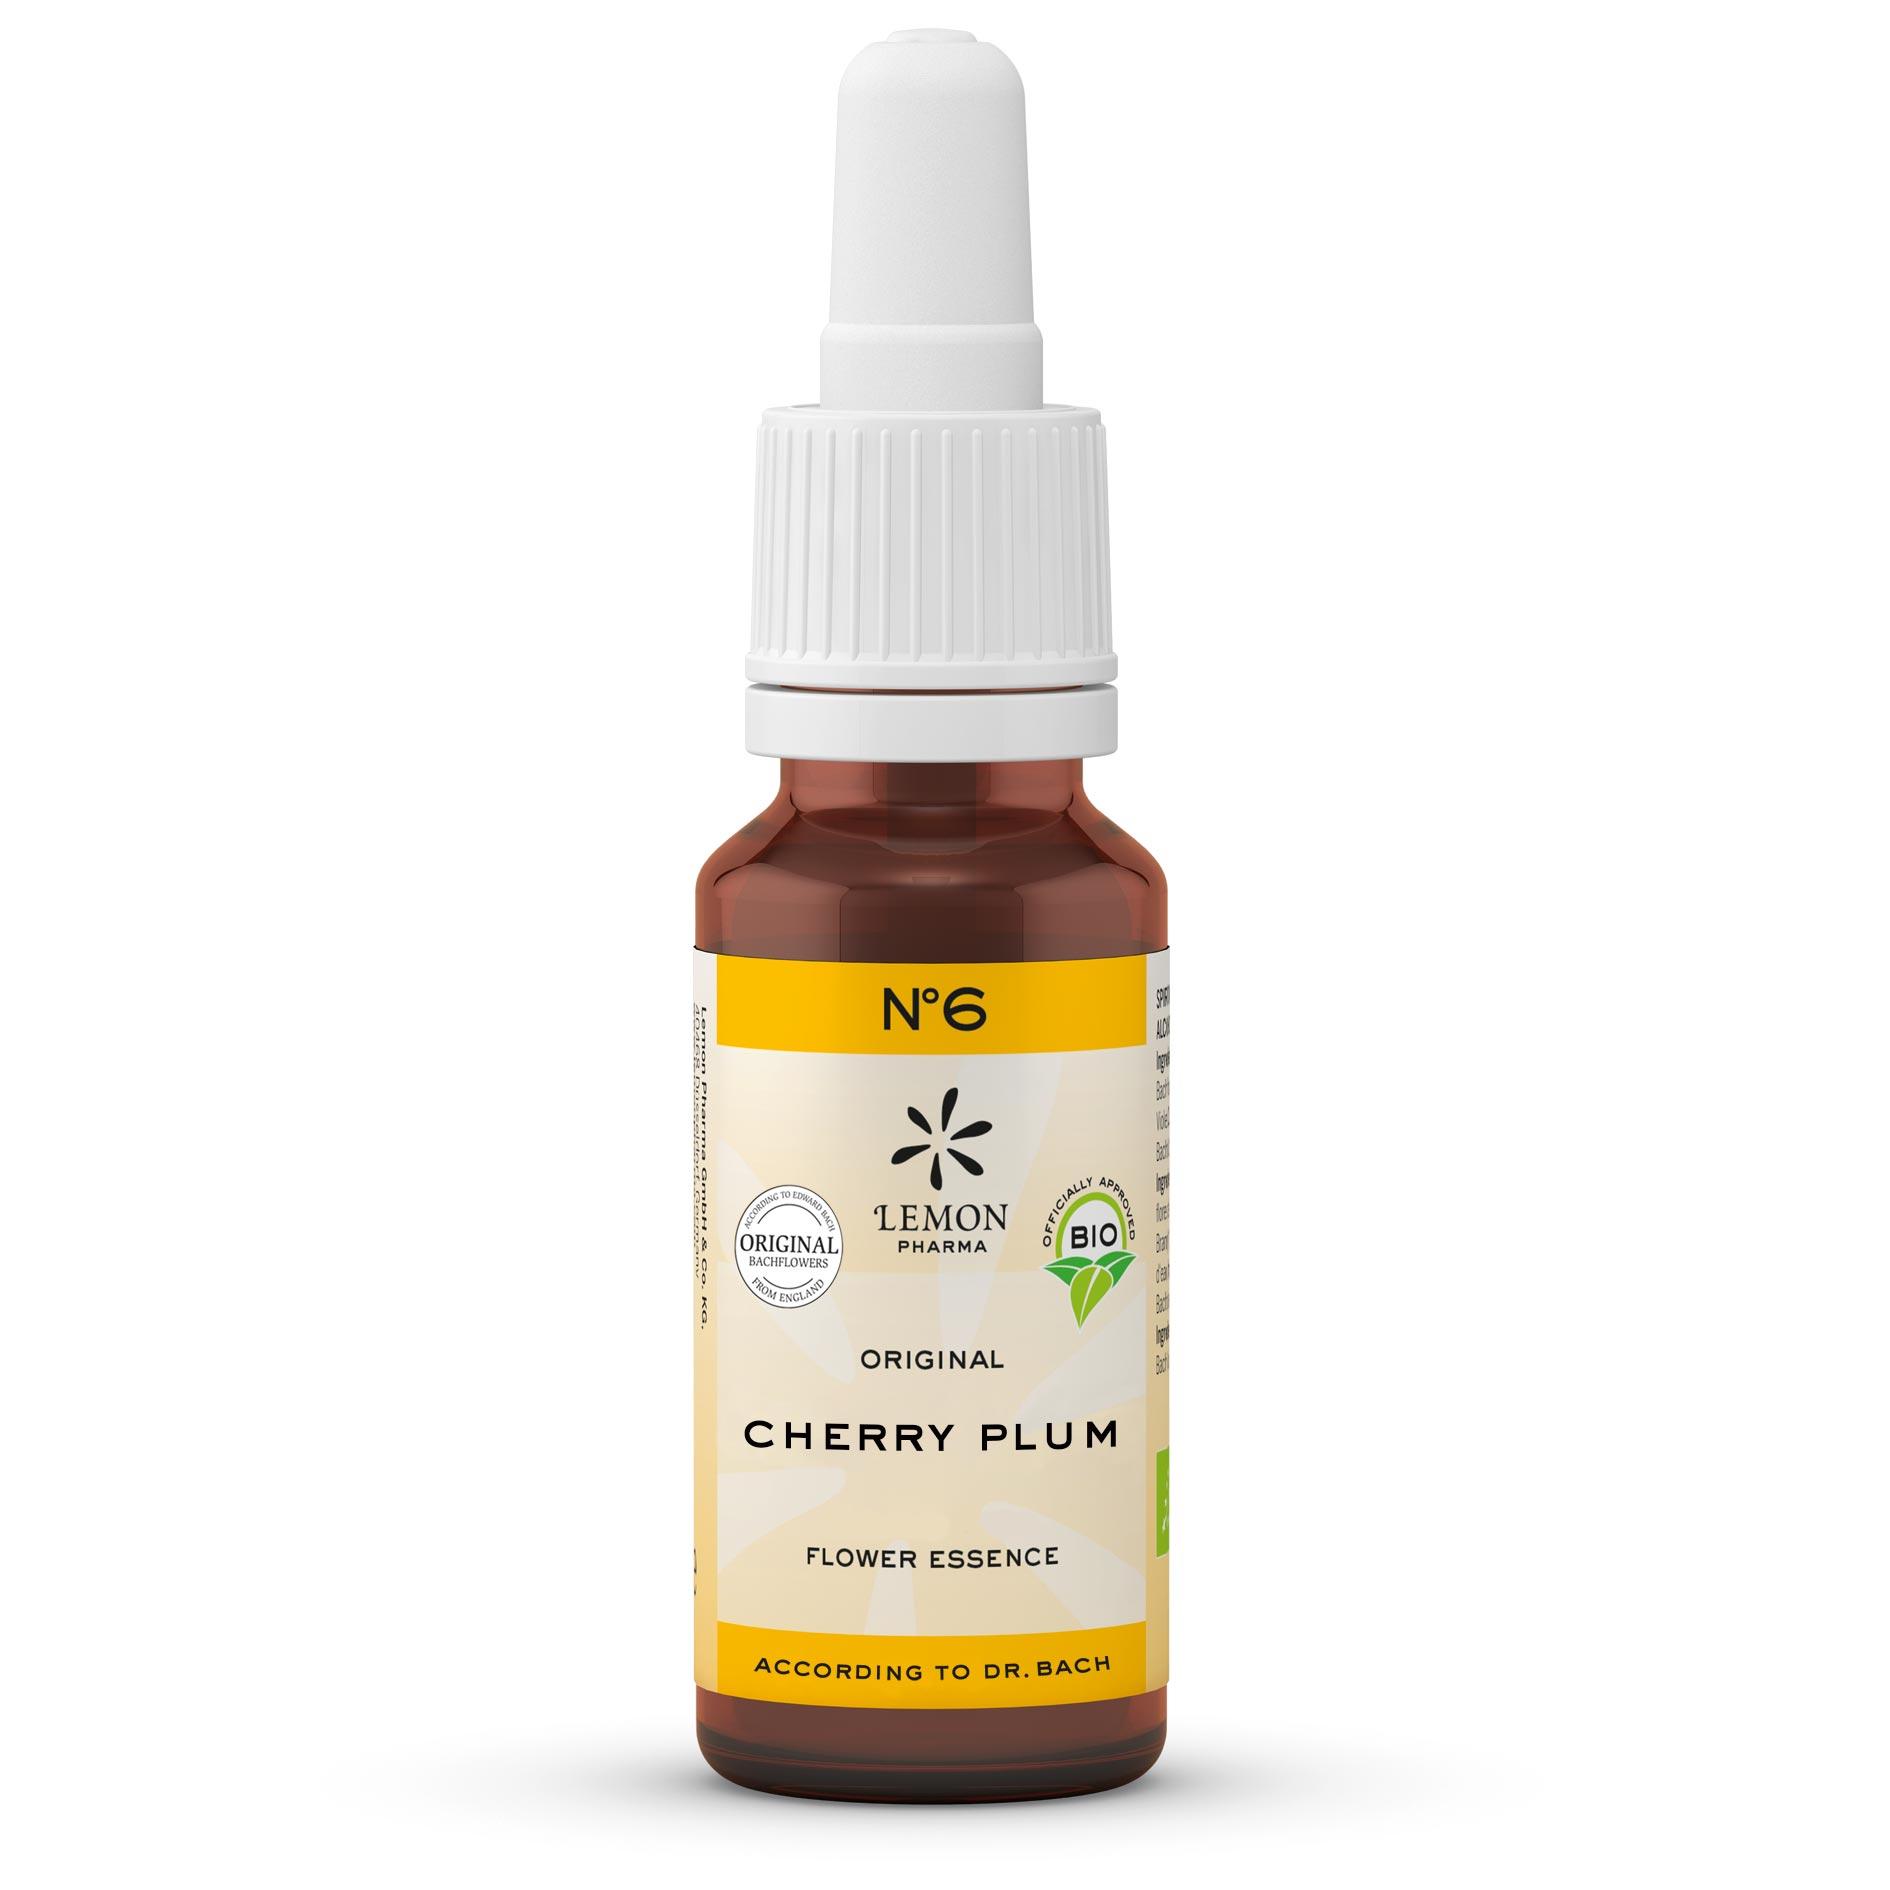 Gotas Flores de Bach Lemon Pharma Original Nº 6 Cherry Plum Cerasífera Serenidad